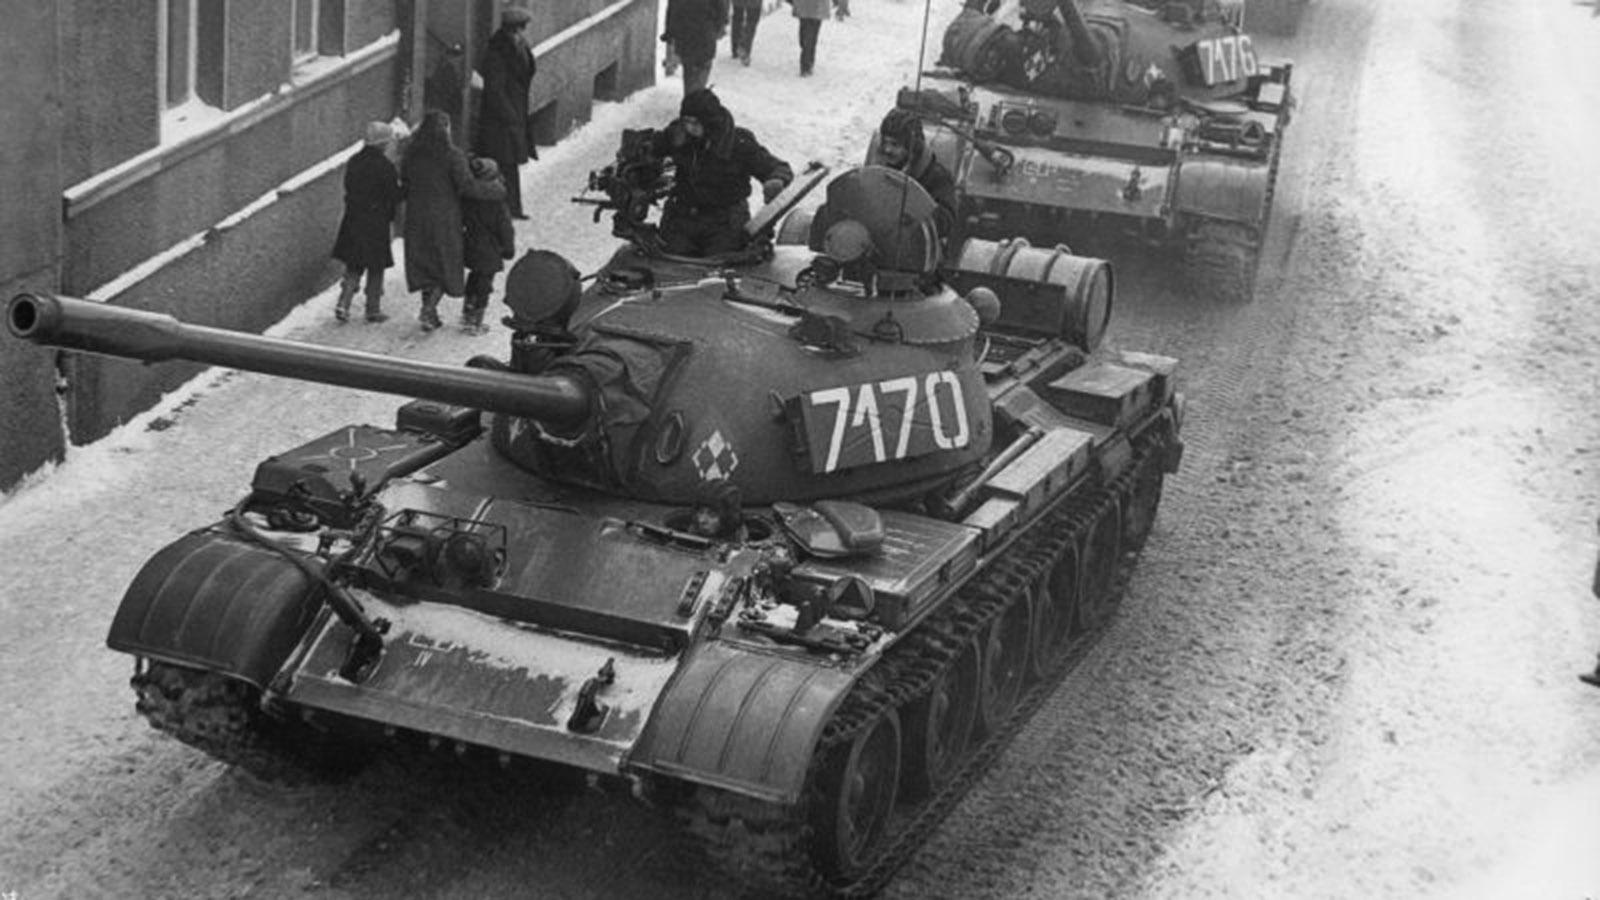 Осенью 1981 года в Польше прокатилась волна забастовок. Войцех Ярузельский пытался мирно договориться с оппозицией, но безуспешно.  Дивизии Советской армии были готовы прийти на помощь. Польша была чрезвычайно важной страной для СССР в период «холодной войны». Через нее шел транзит в Группу советских войск в ГДР и проходили нефтяные трубопроводы в Европу. Но Ярузельский не хотел вмешательства советских войск. В полночь с 12-го на 13 декабря поляки увидели в окно танки и вооруженных солдат польской армии. В стране было введено военное положение.